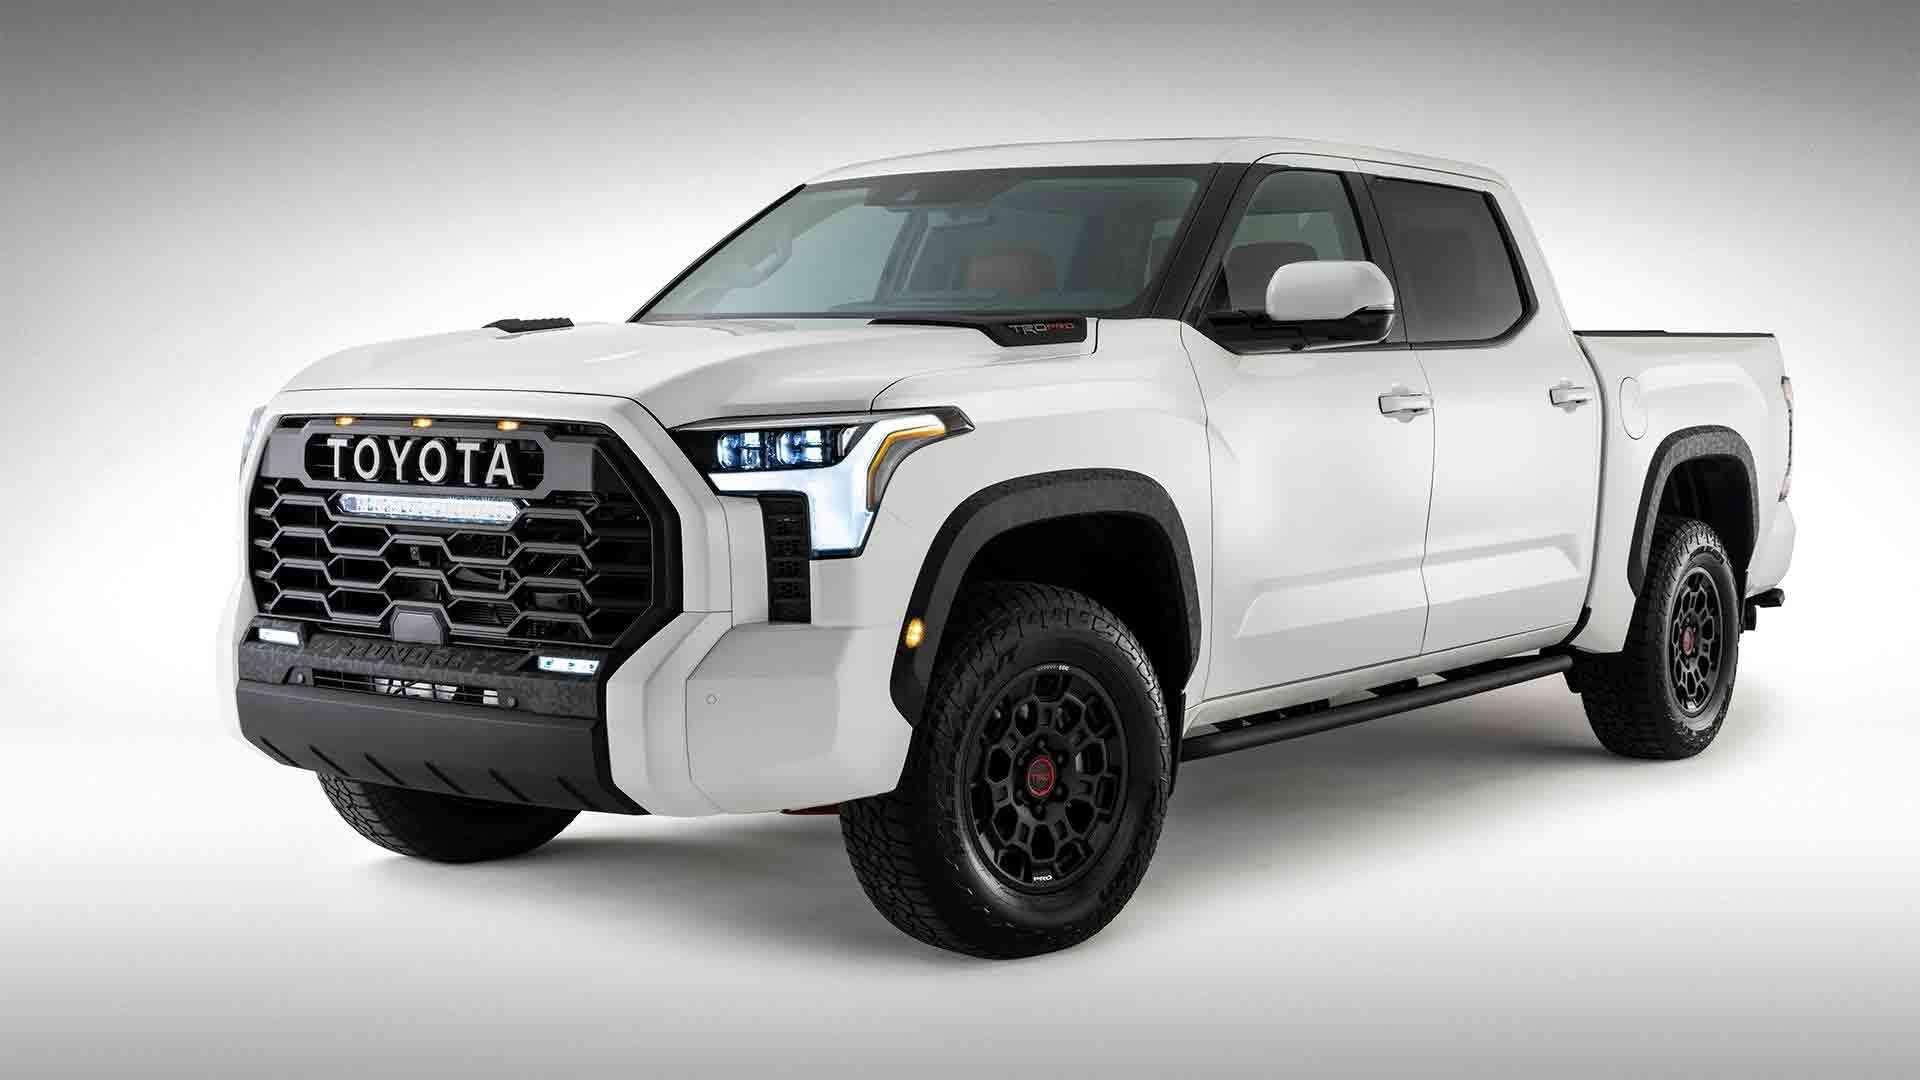 Toyota revela primeira foto oficial da nova picape Tundra 2022. Foto: Reprodução Twitter